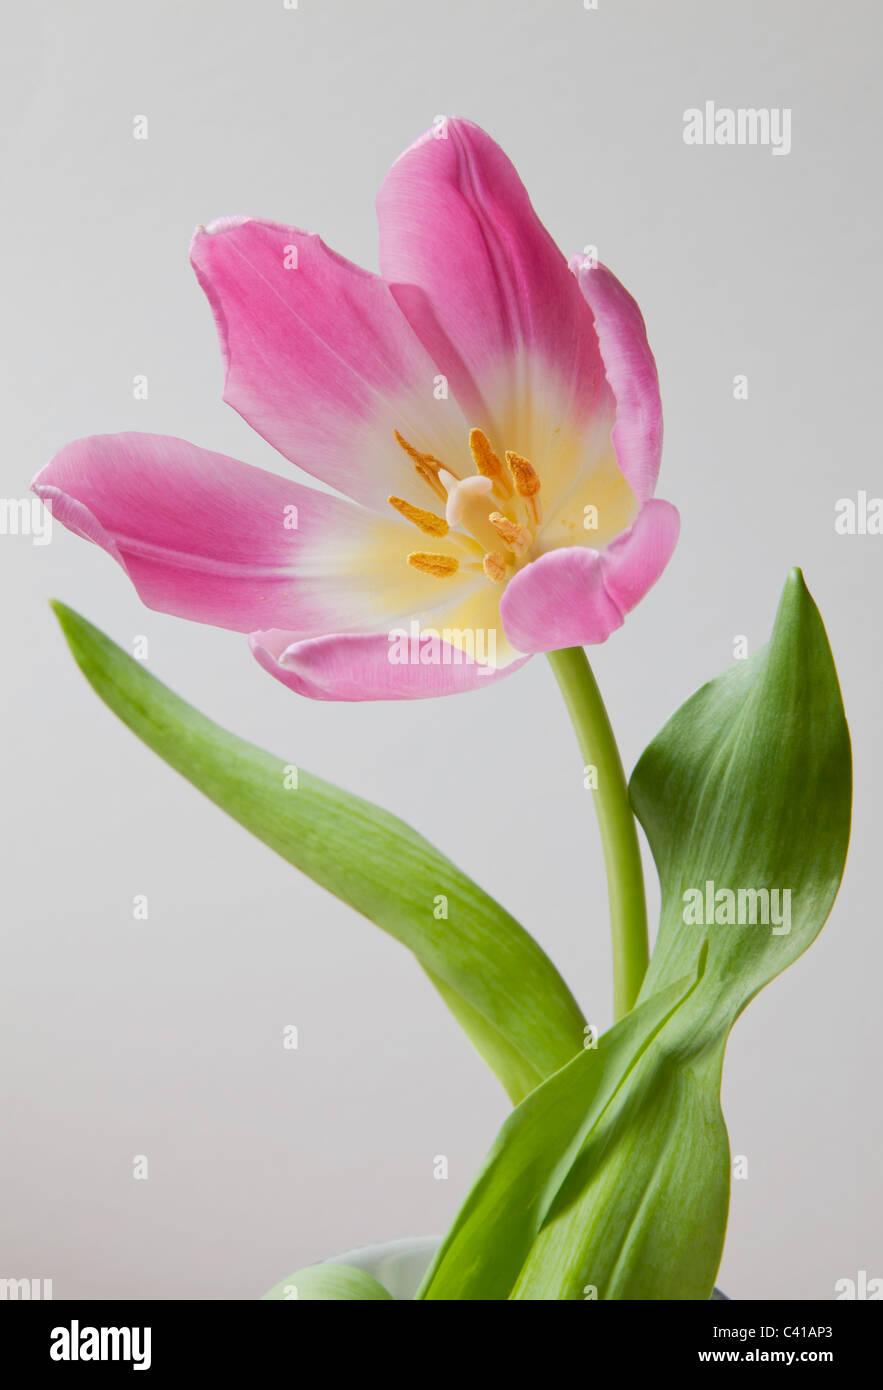 Close-up of pink tulip tête avec pétales ouverts , tige et feuilles vertes. Photo Stock